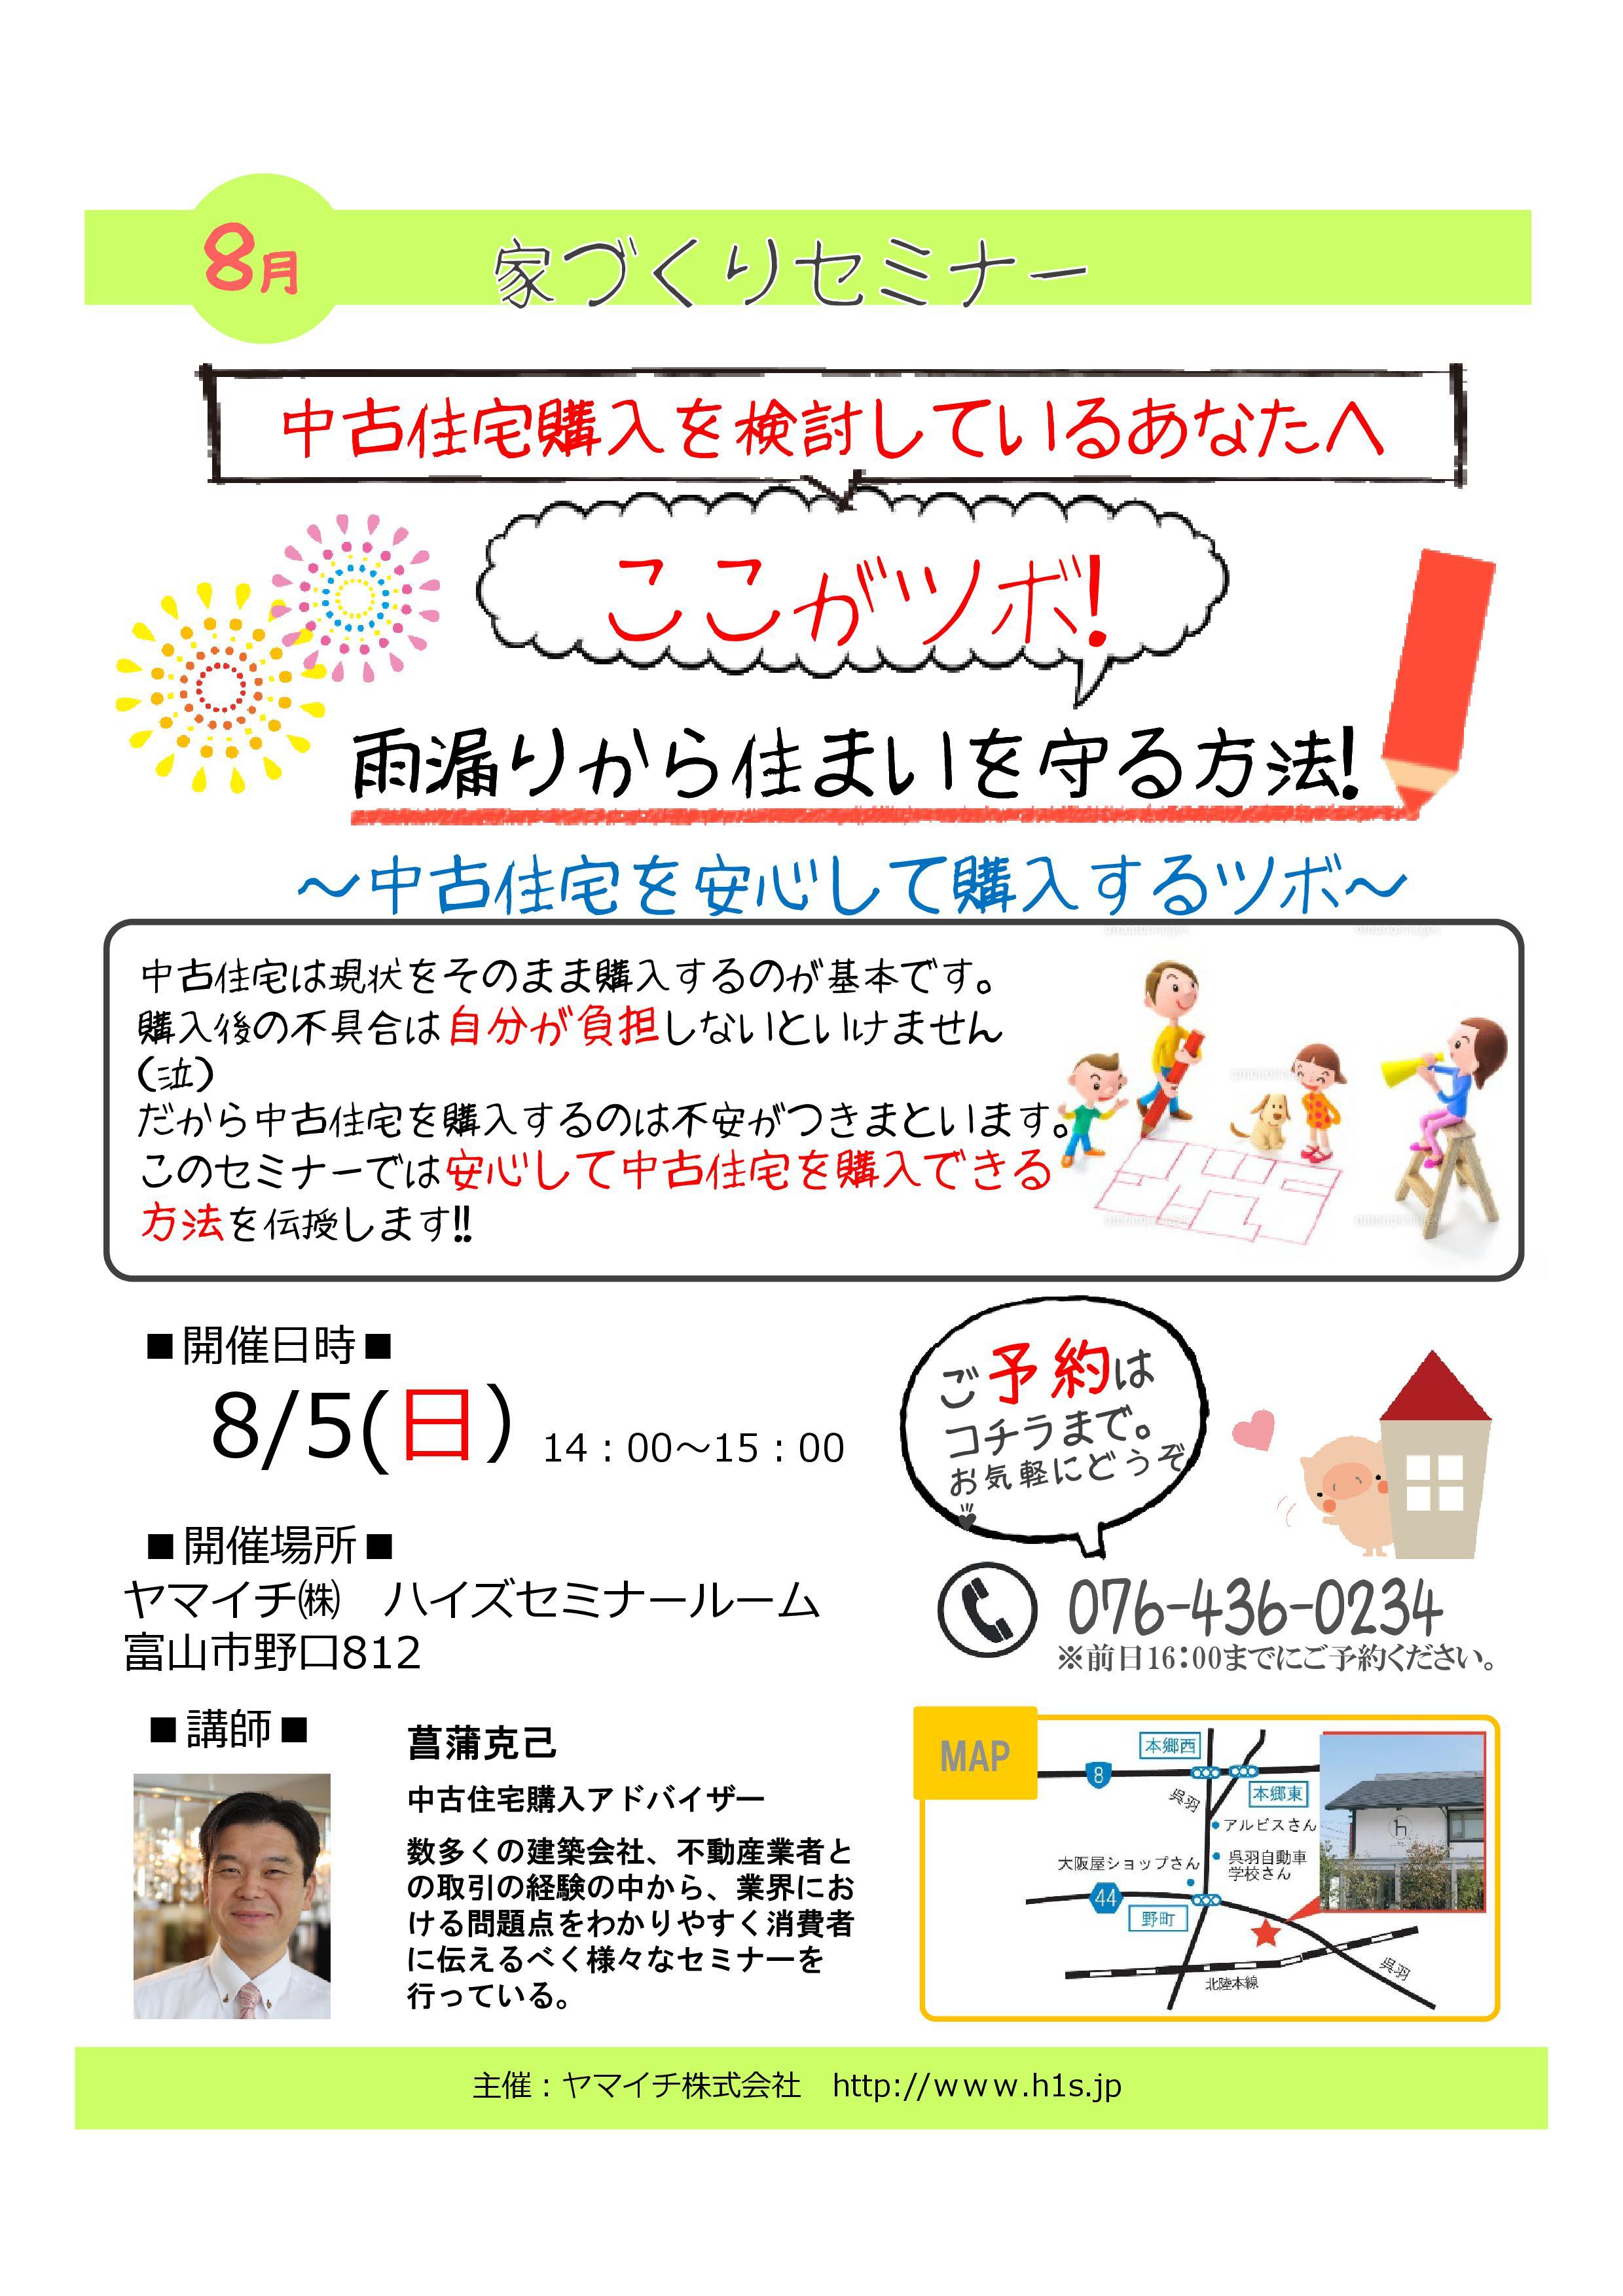 【セミナー】8/5(日)「雨漏りから住まいを守る方法!」